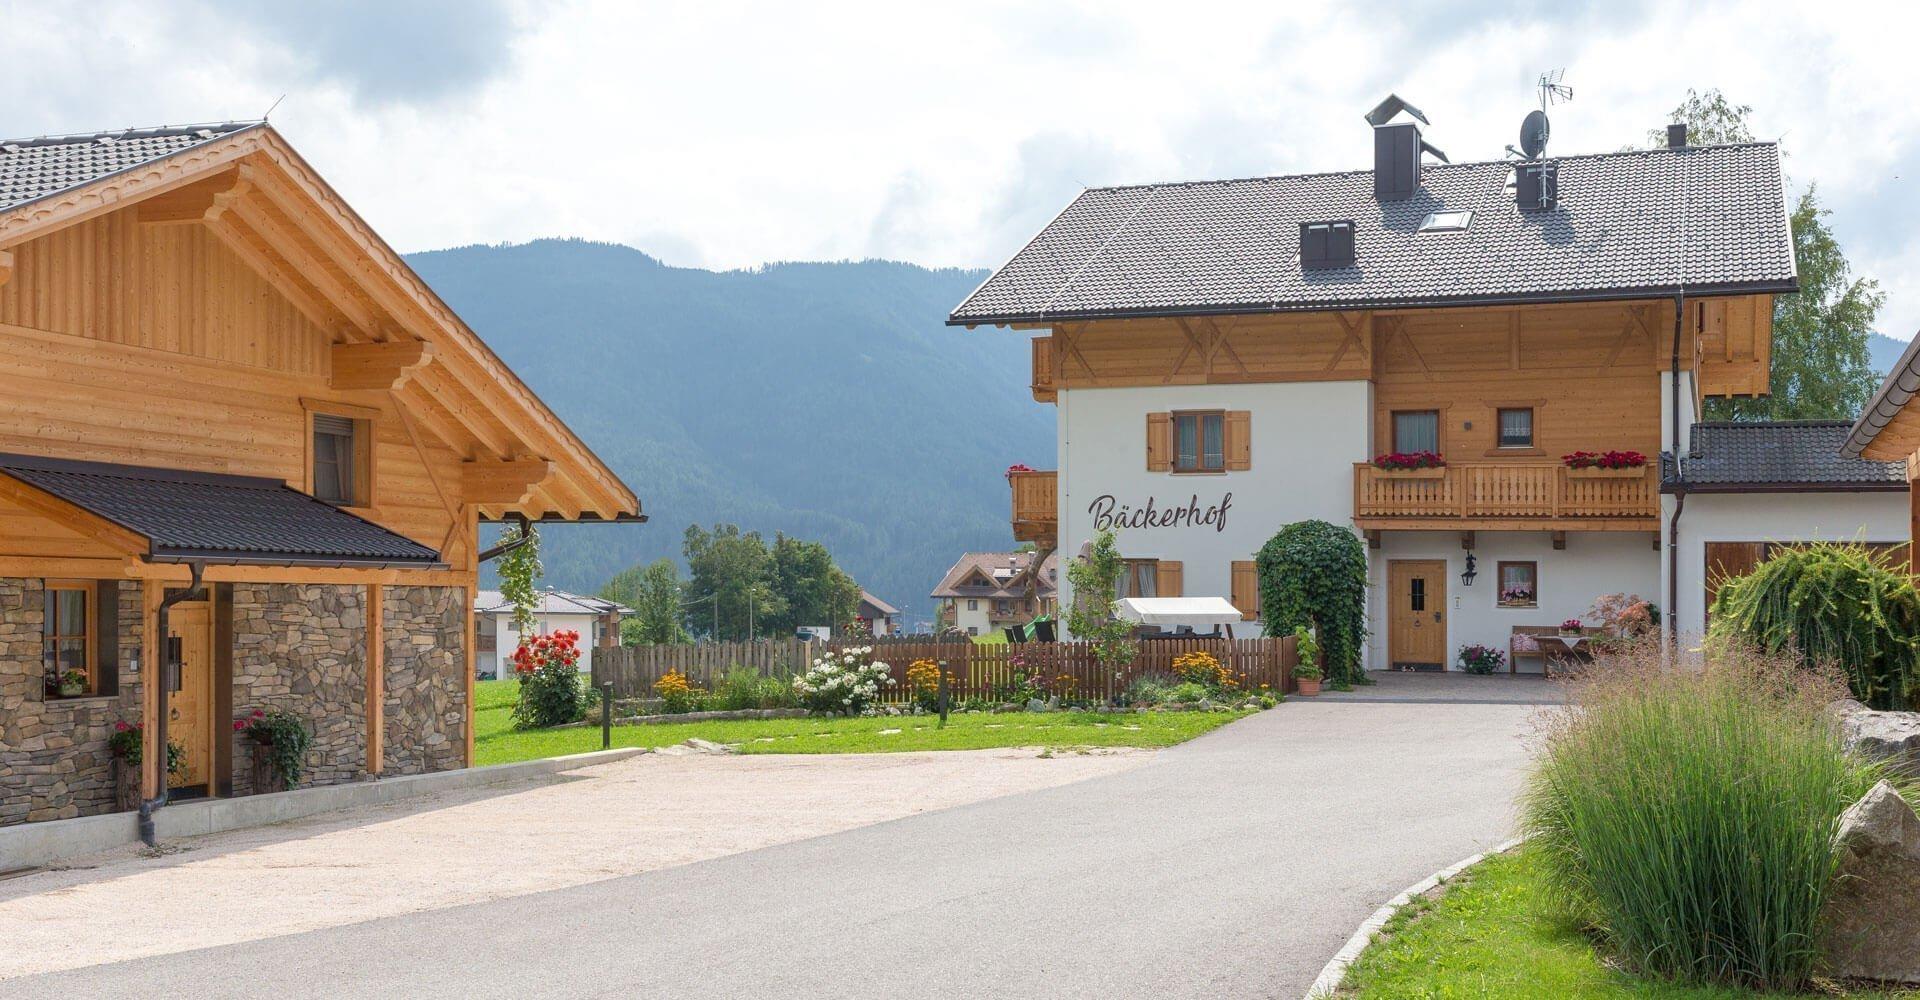 Bäckerhof Ferienwohnen Taisten Welsberg